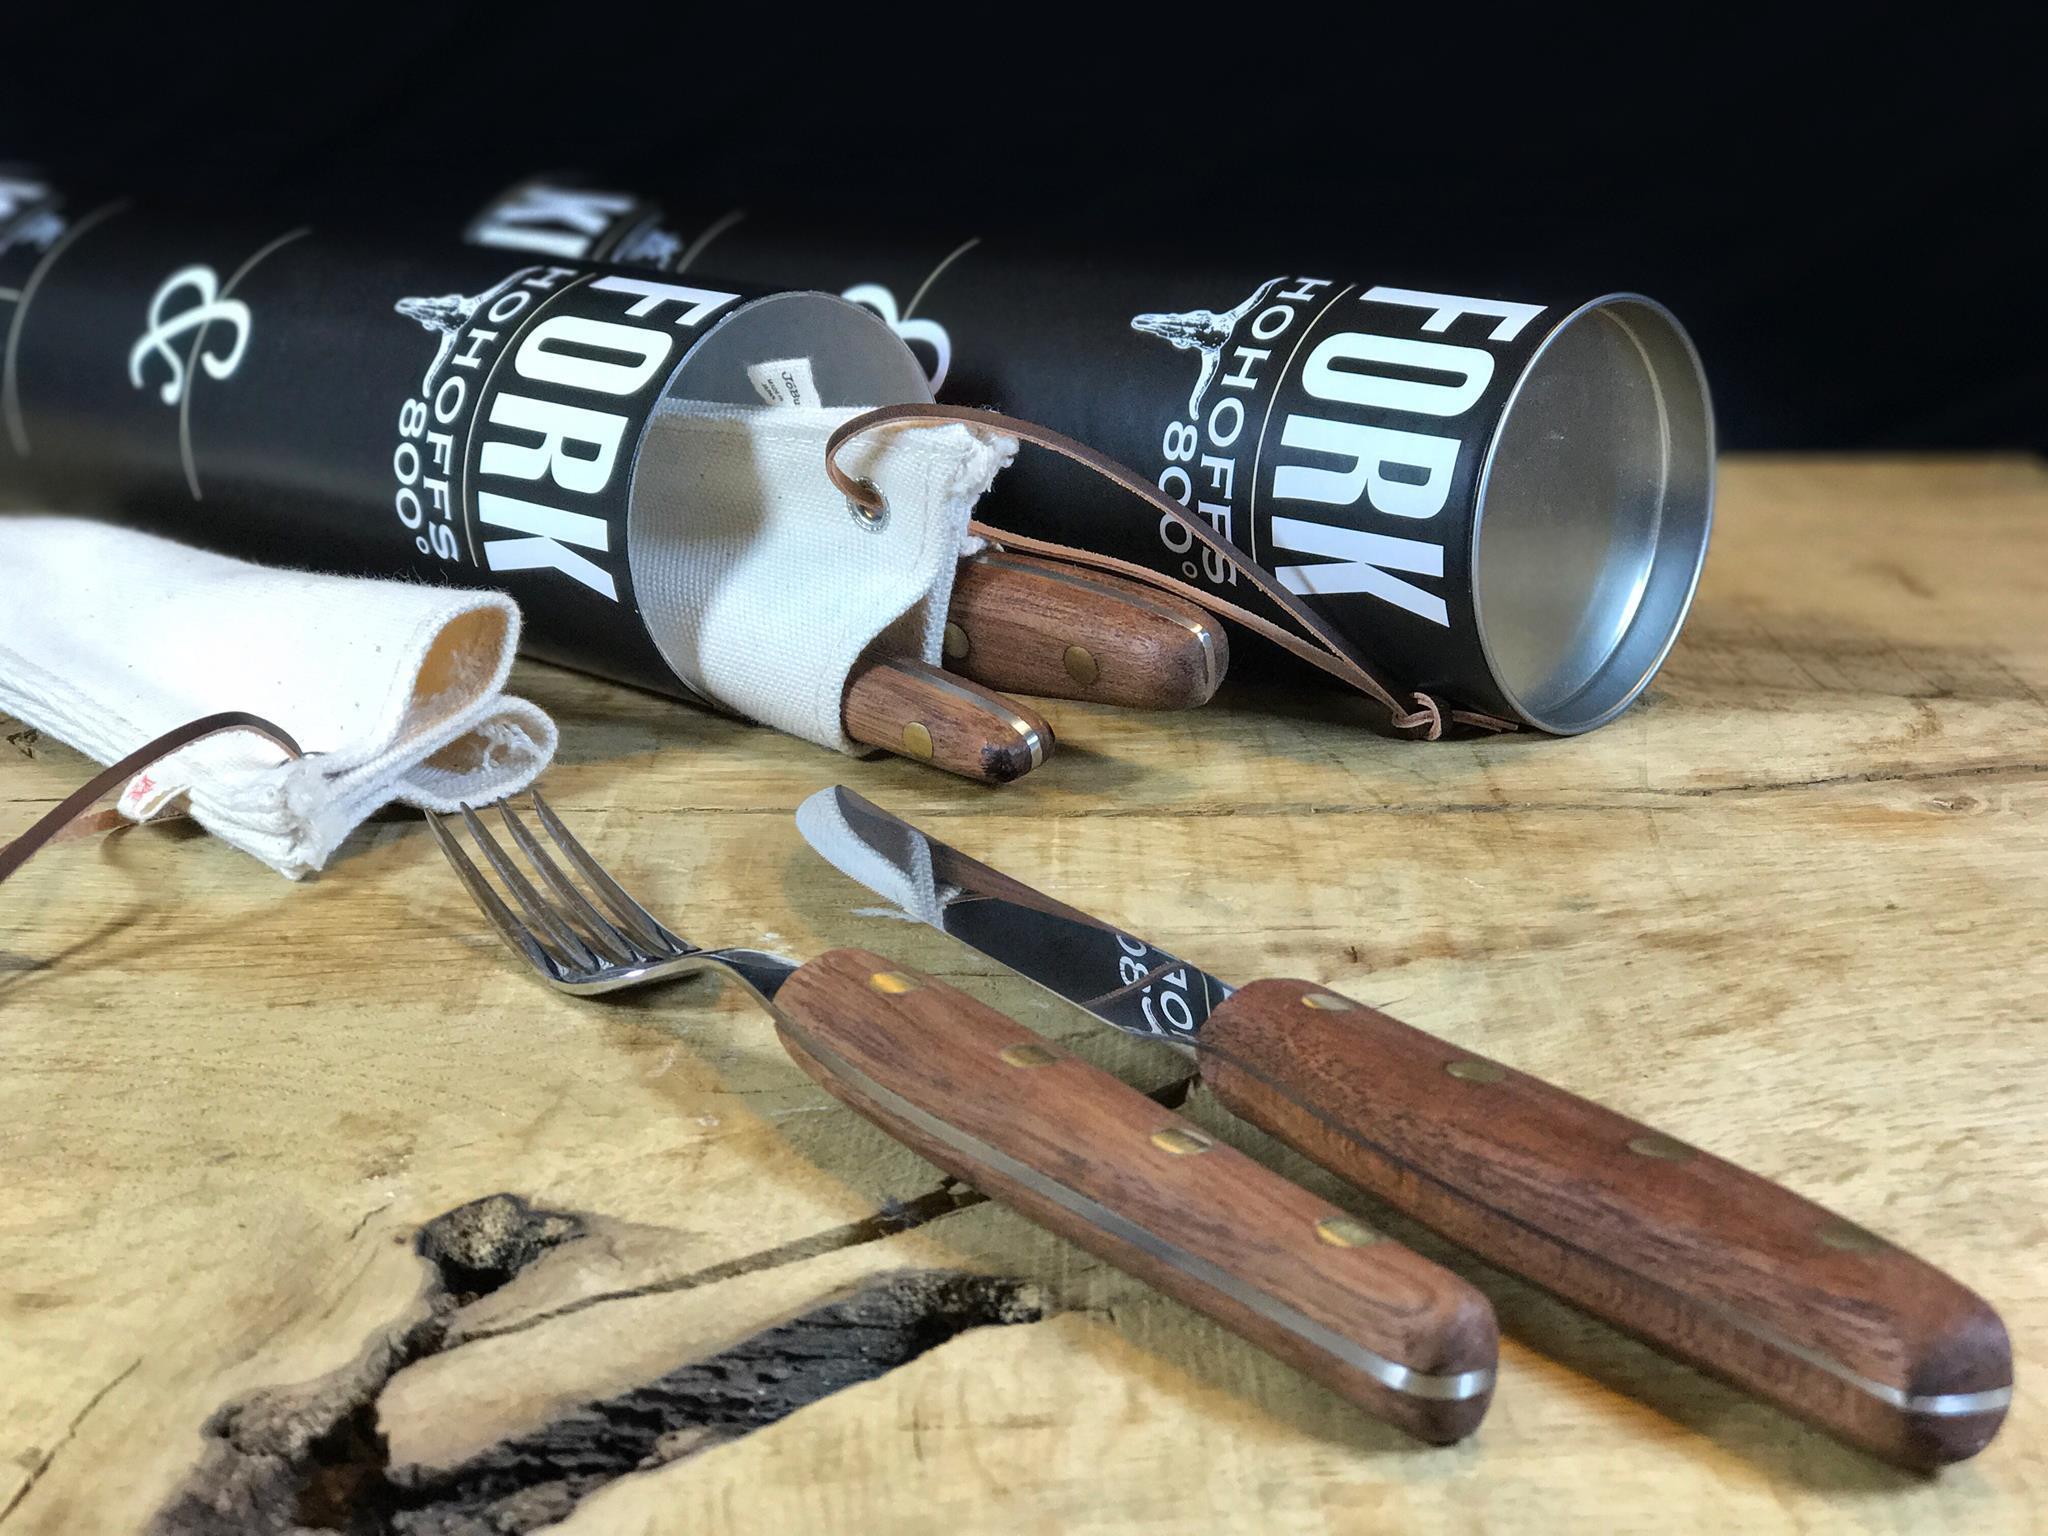 Weber Outdoor Küche Solingen : Bigmeatlove testet steakmesser aus solingen von hohoffs 800